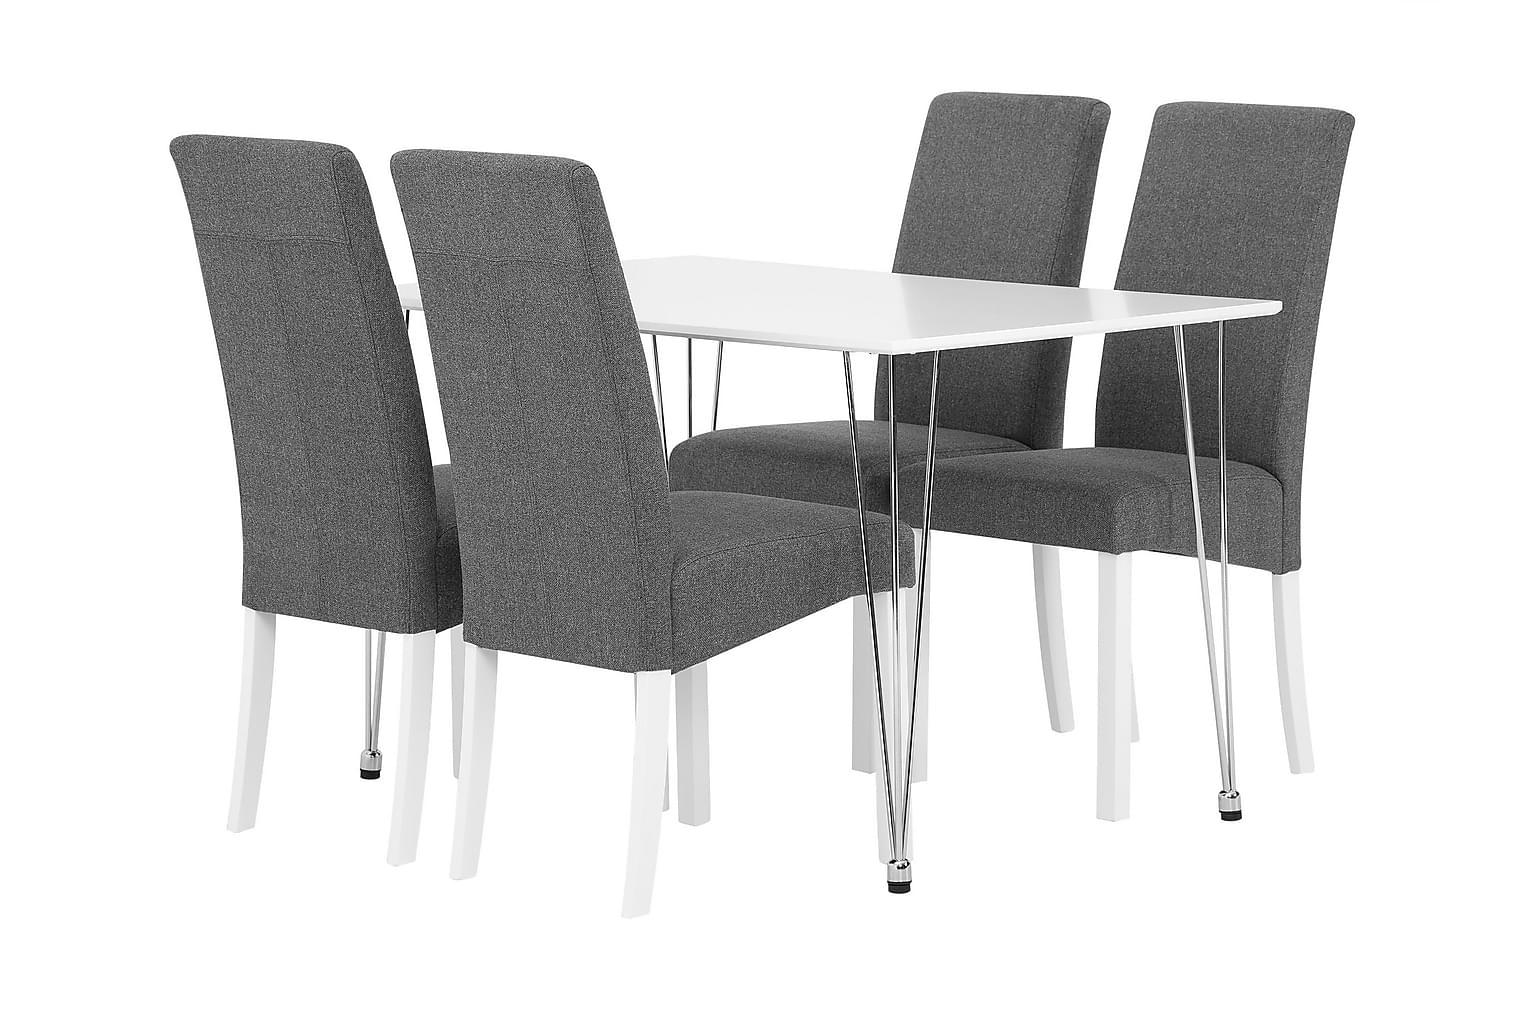 KRONBERG Pöytä 120 Matta + 4 FALUN Tuolia Harmaa/Valkoinen